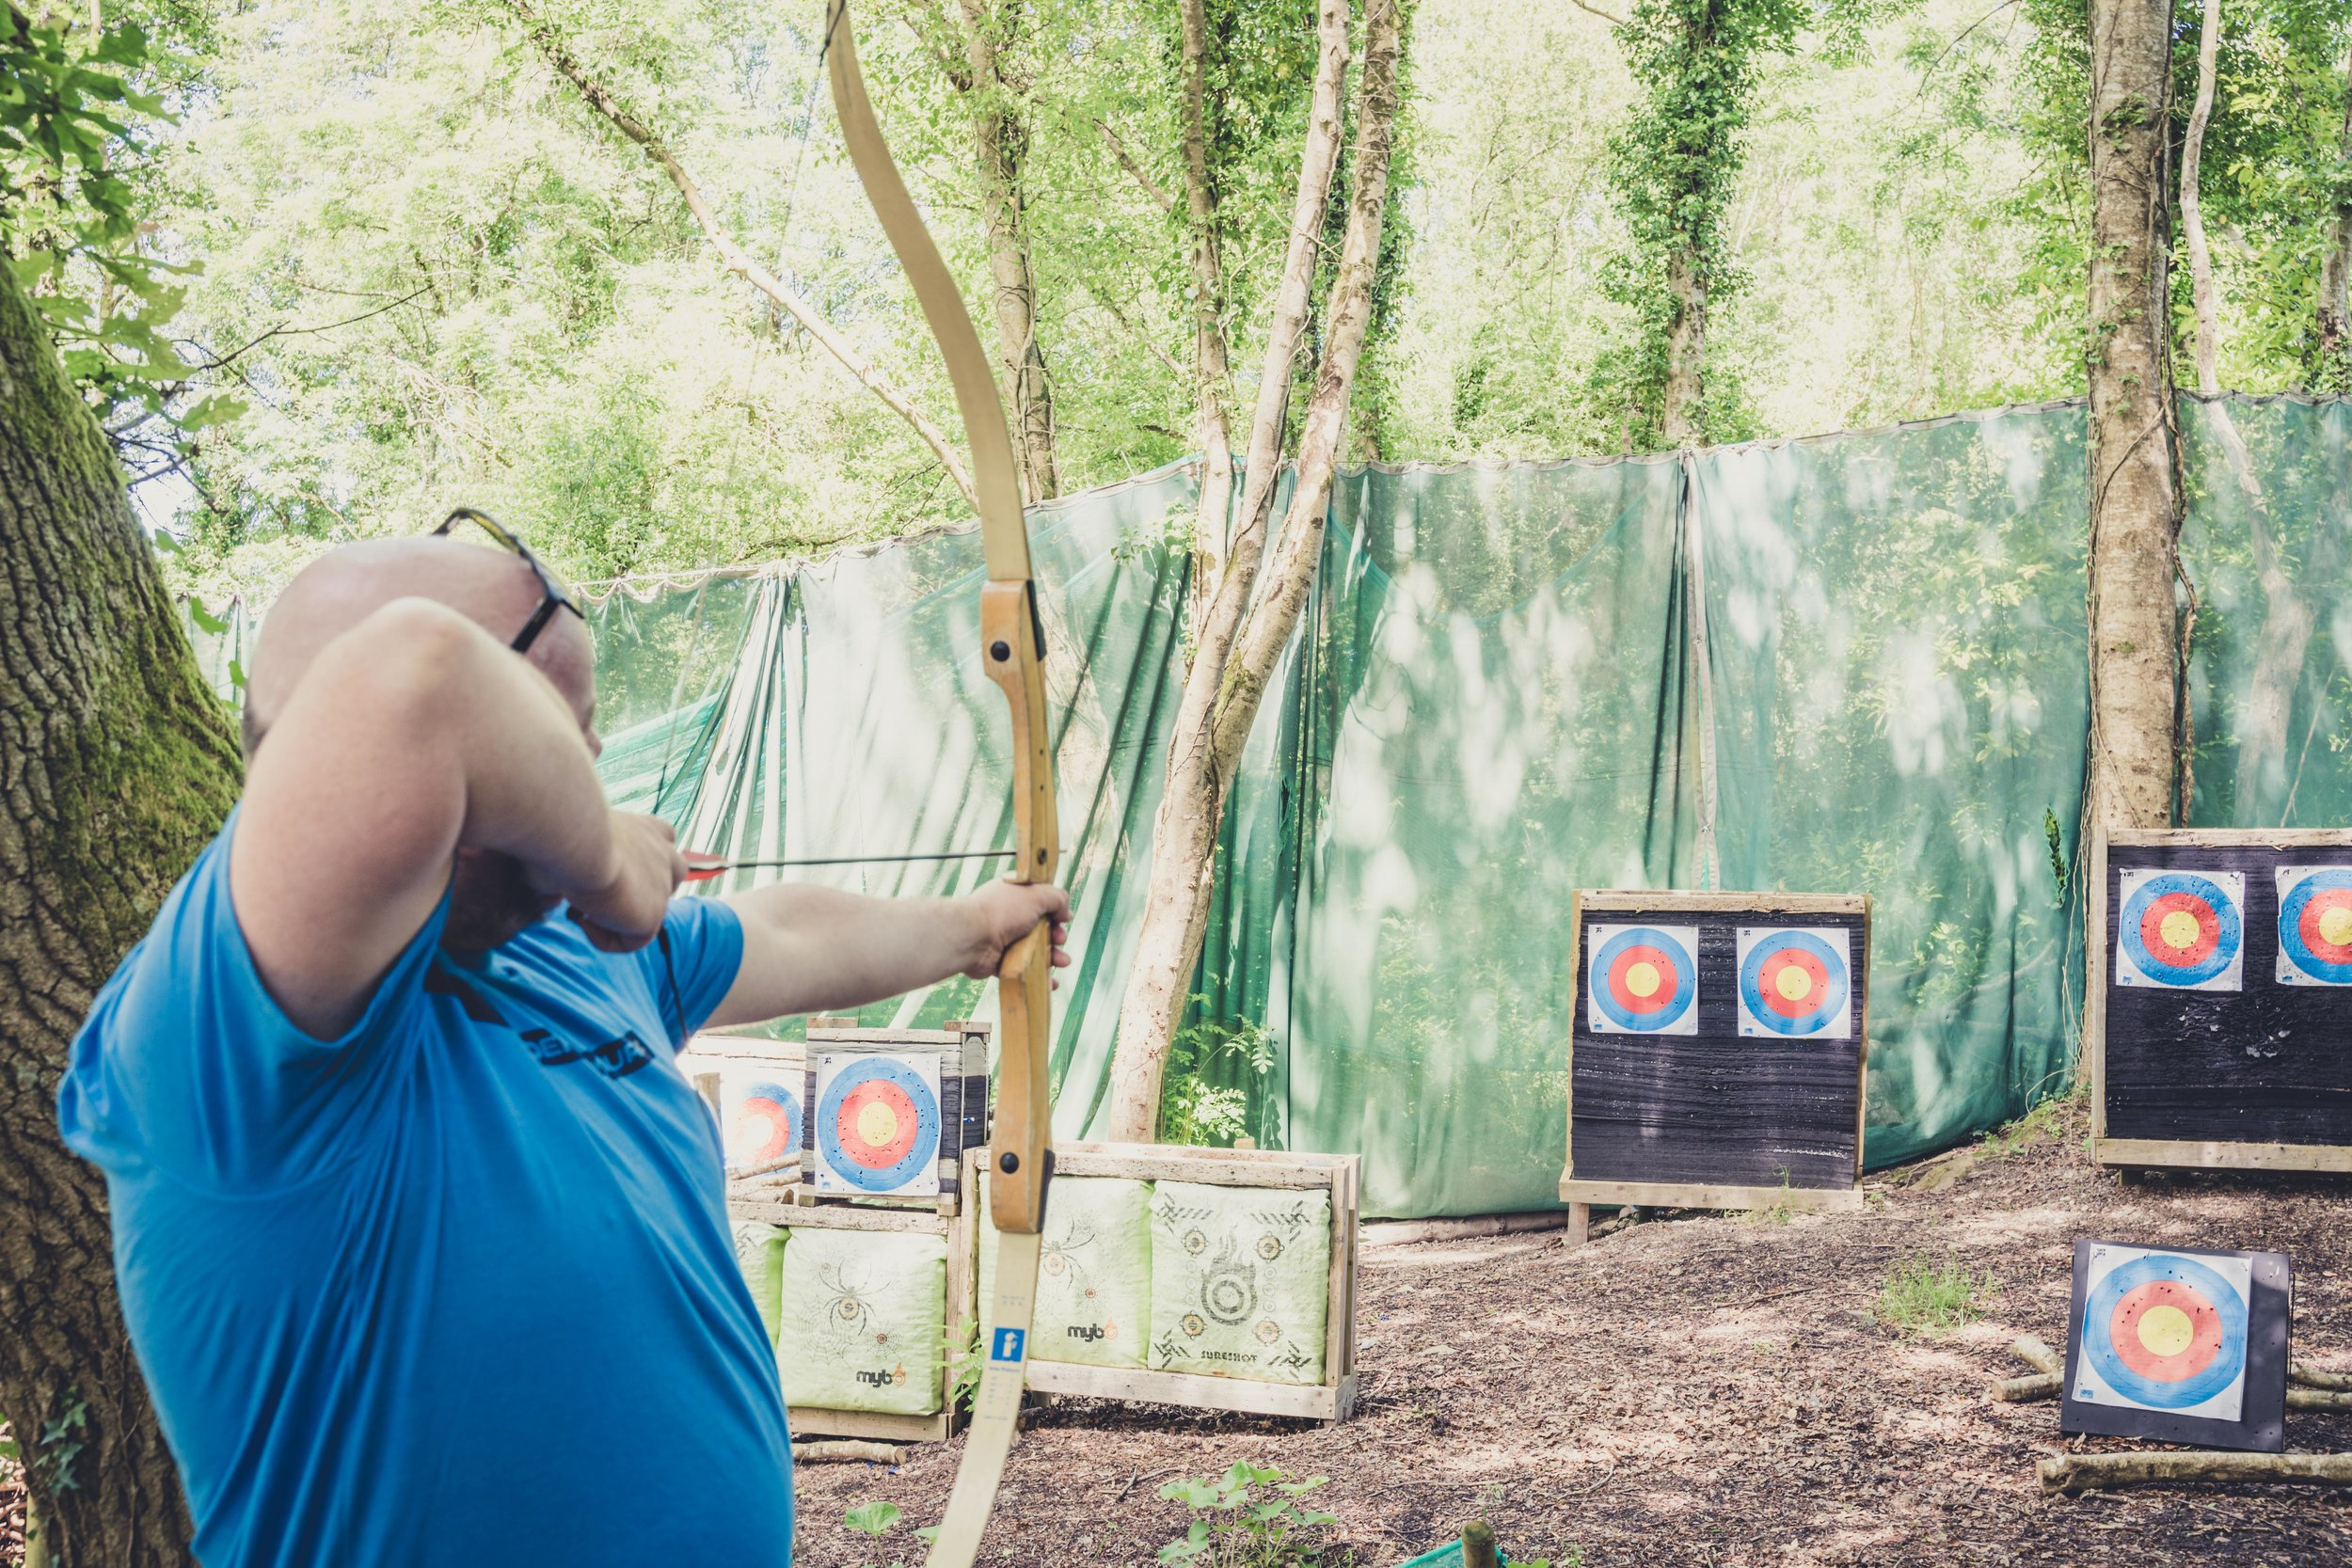 wexford heritage centre ireland archery.jpg